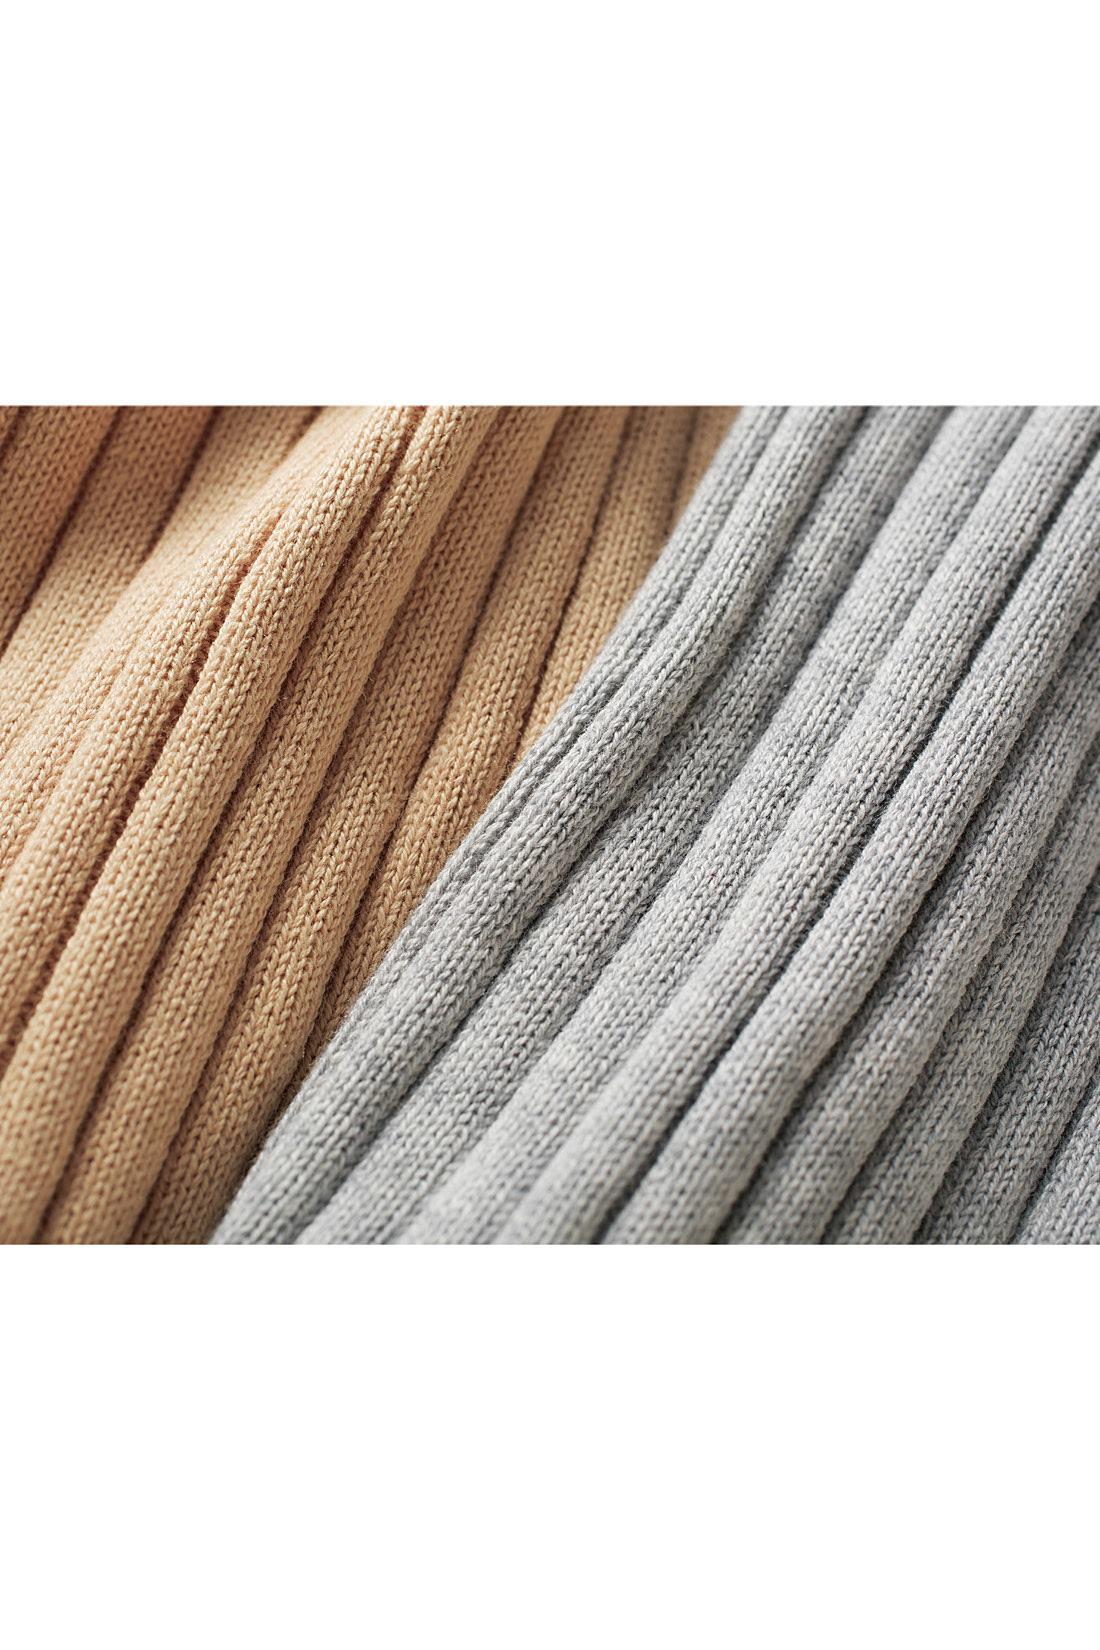 コットンに15%シルクを加えることでしなやかな素材に。しっかり目の詰まった立体的で太めのリブ編みにすることで、ダレにくさと張り感をかなえました。ウォッシャブルなのもうれしい。※お届けするカラーとは異なります。